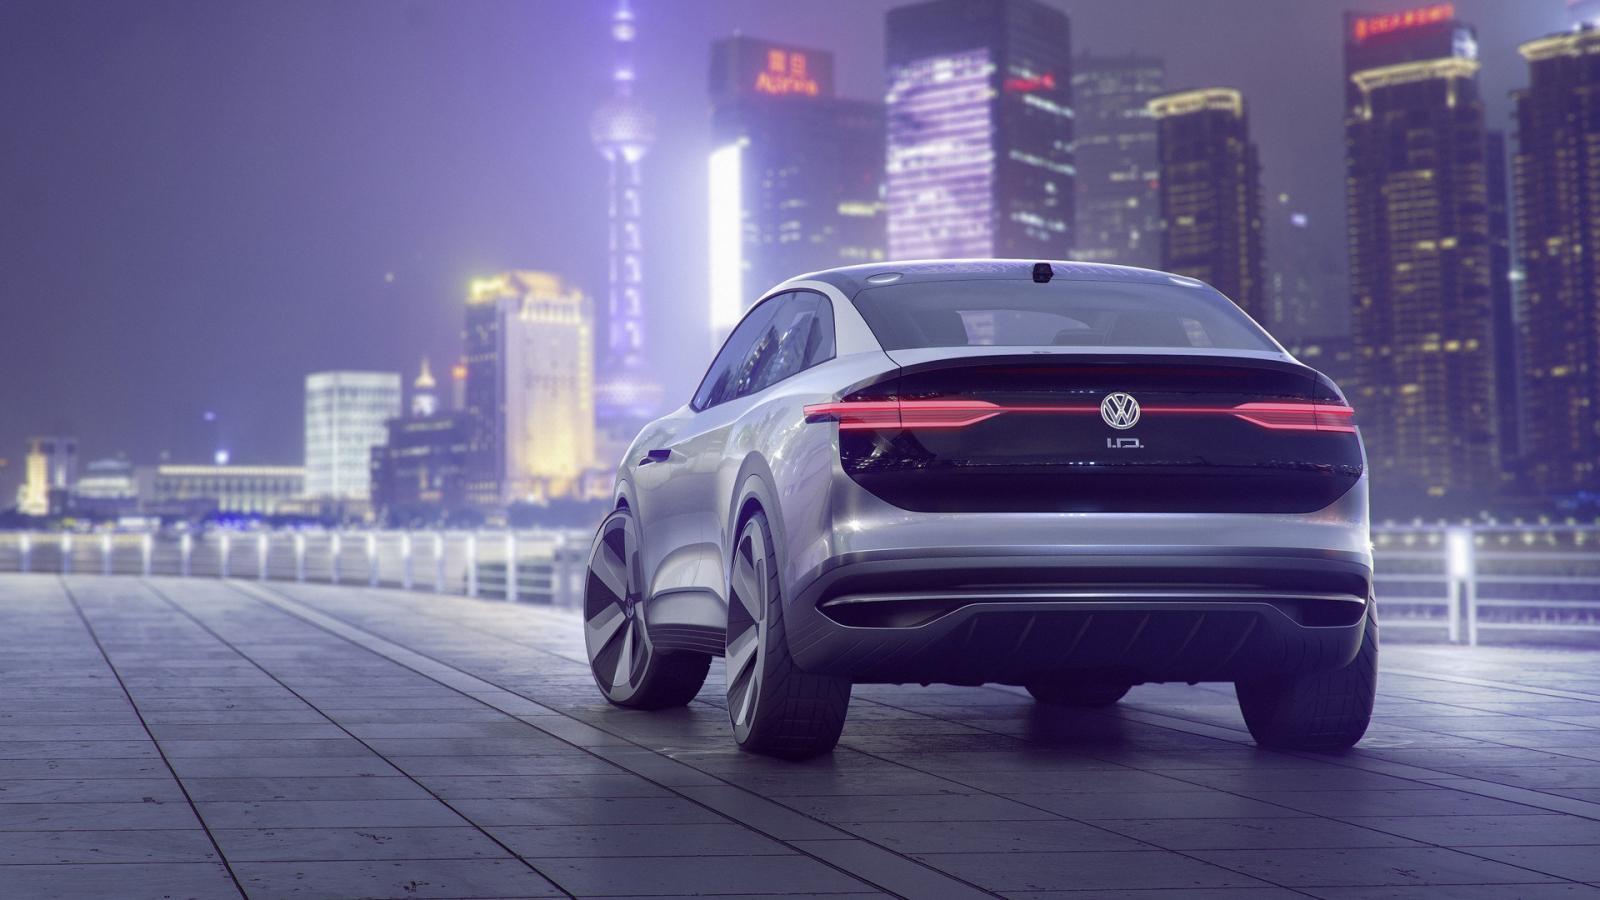 ВШанхае покажут новый полностью электрический кроссовер Volkswagen